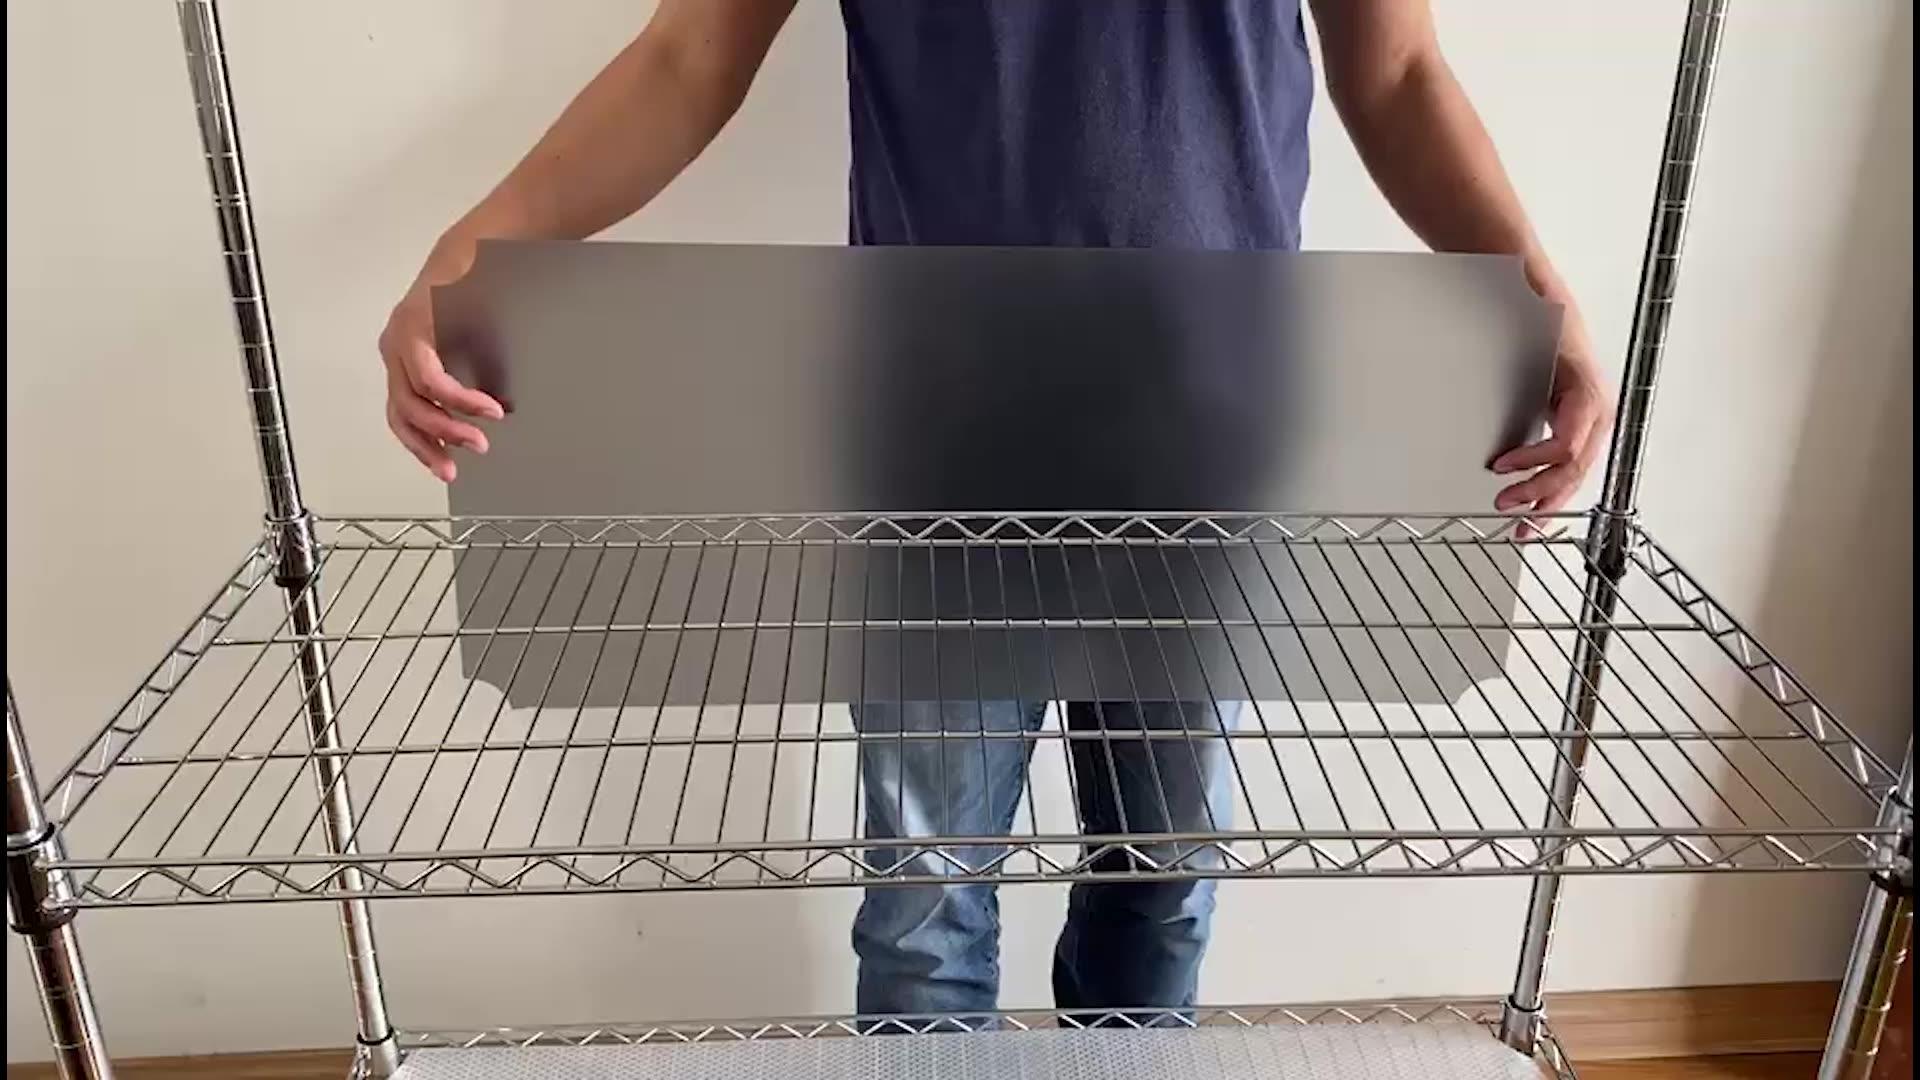 Formato del taglio facile fodera mensola della cucina scaffale liners per il filo bianco grigio nero